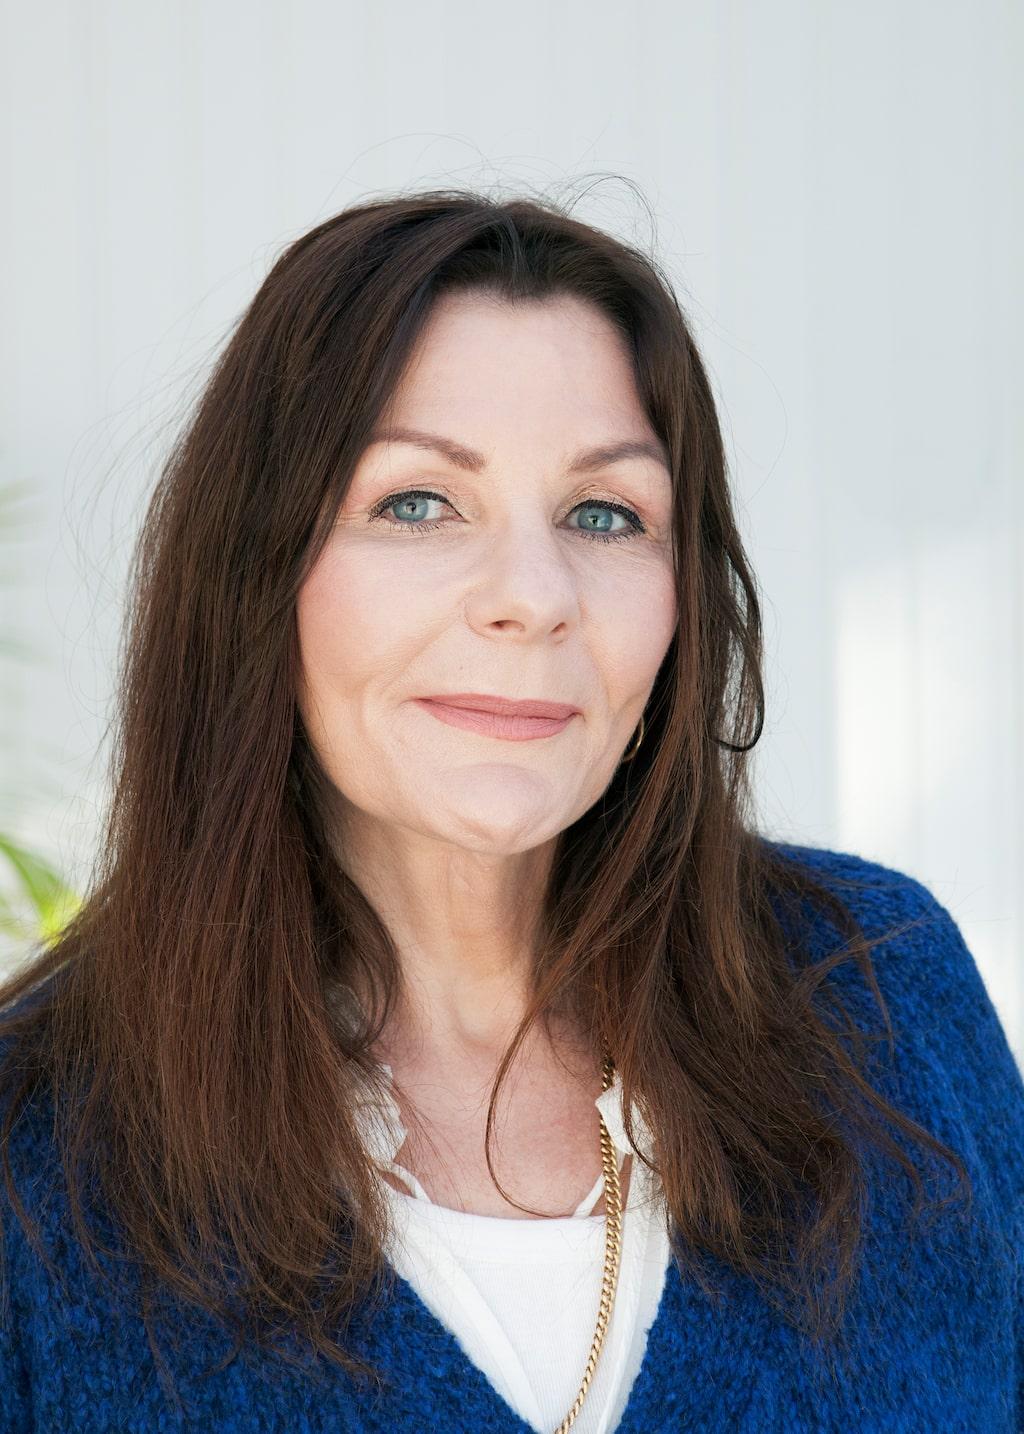 Margareta Hedin, Damernas Världs astrolog siar om 2021.